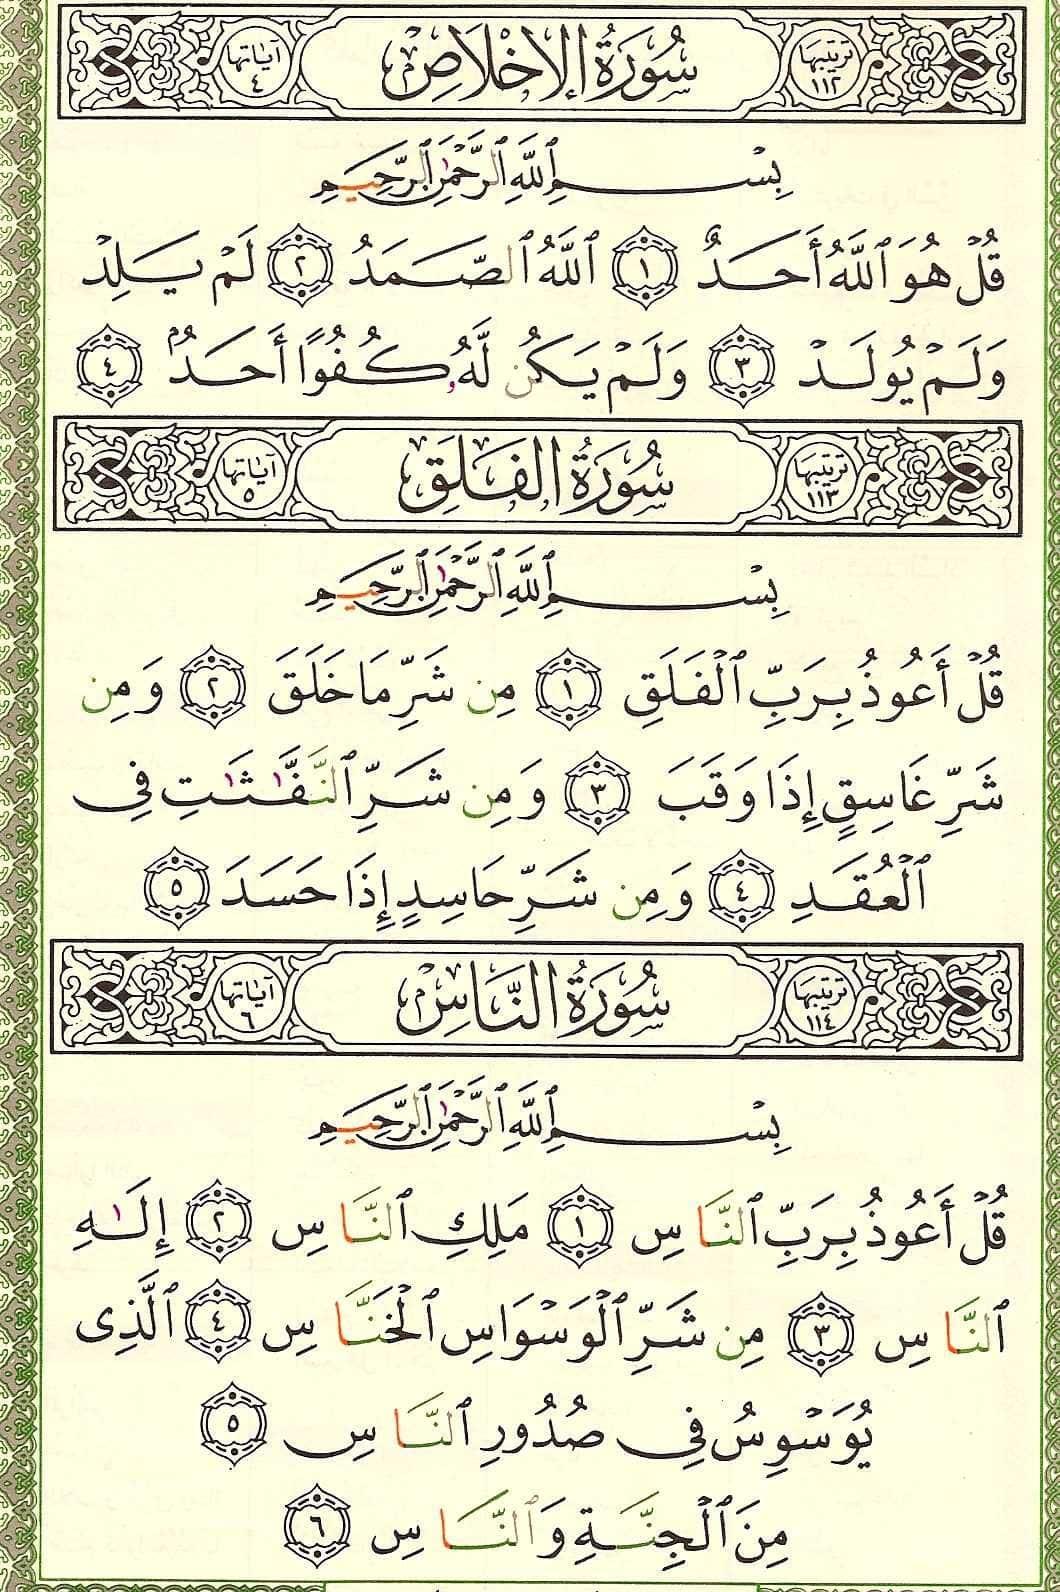 Membaca-Al-Falaq-An-Nas-dan-Al-Ikhlas